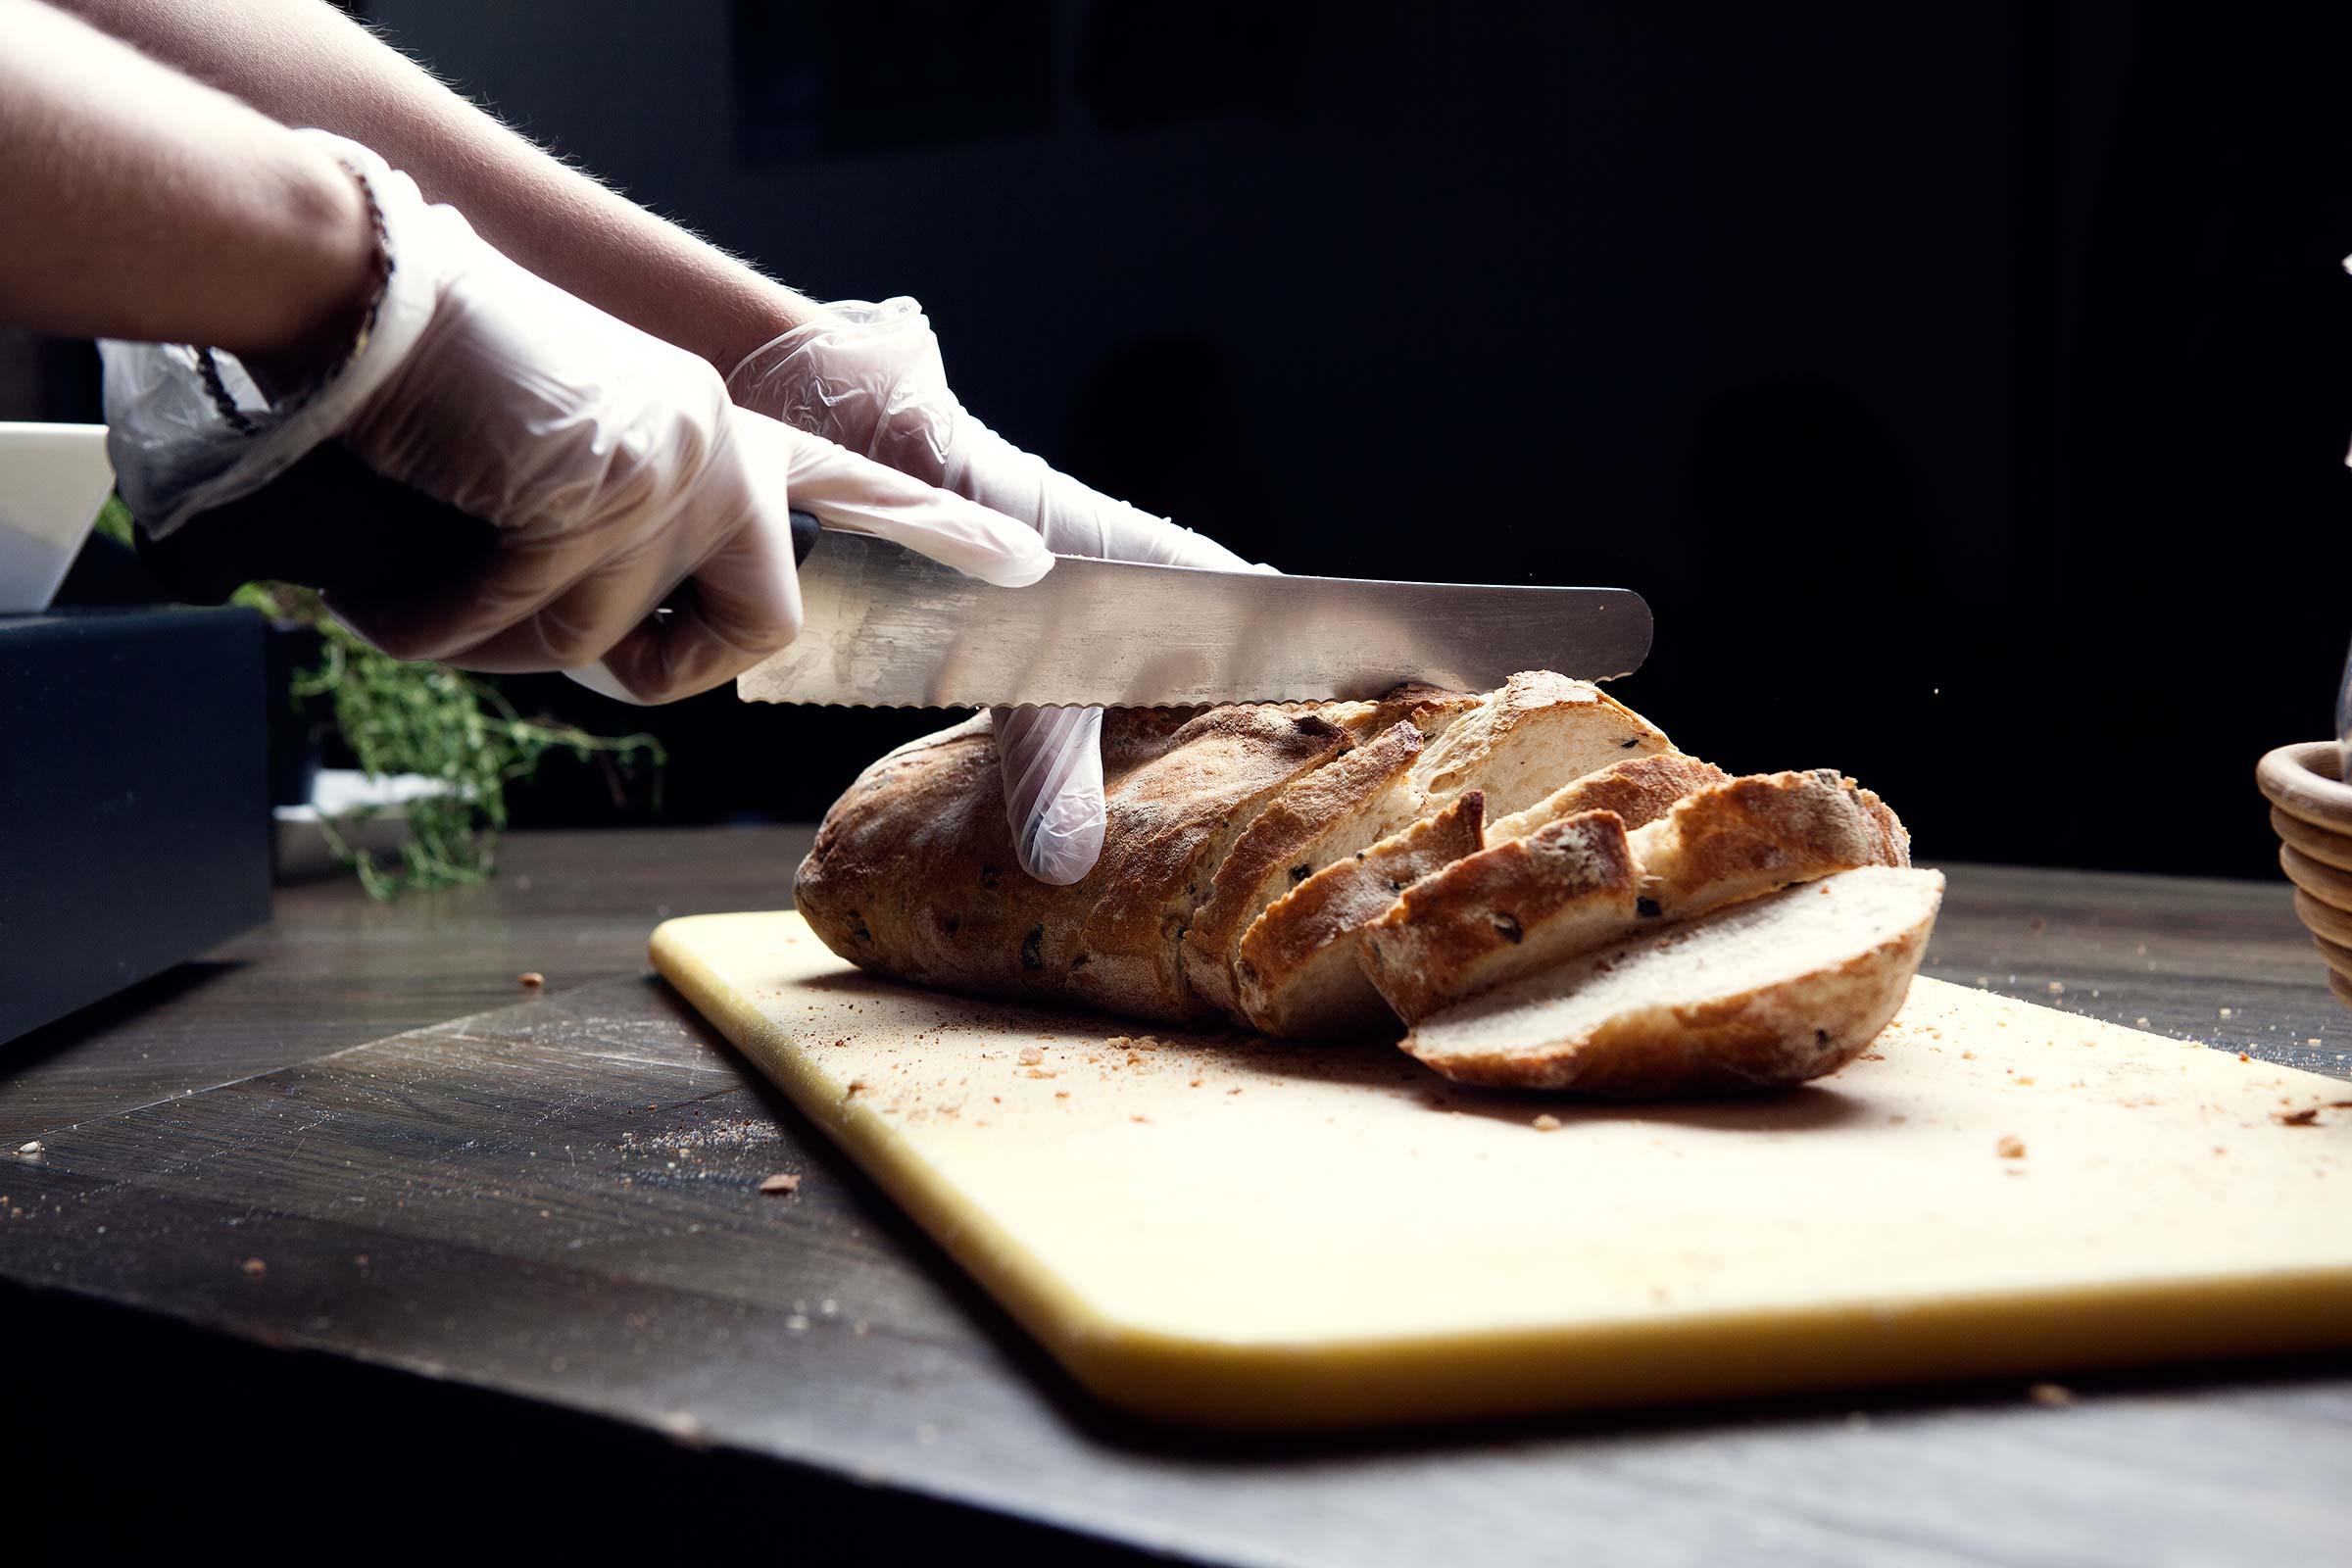 Bilde av noen som skjærer opp brød på en fjøl